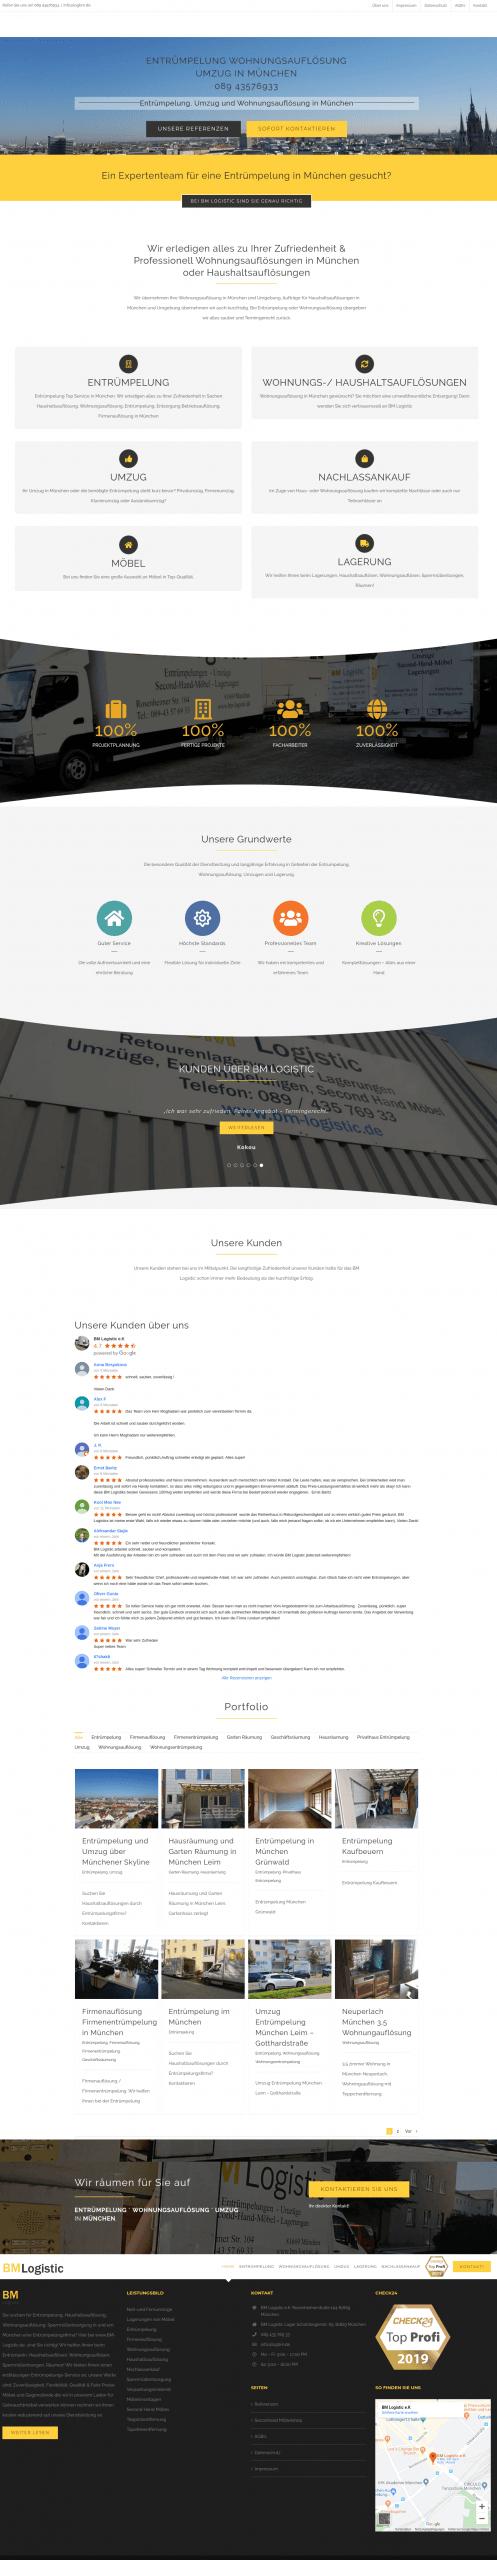 Suchmaschinenoptimierung, Web-Entwicklung WordPress Seite mit Erfolg